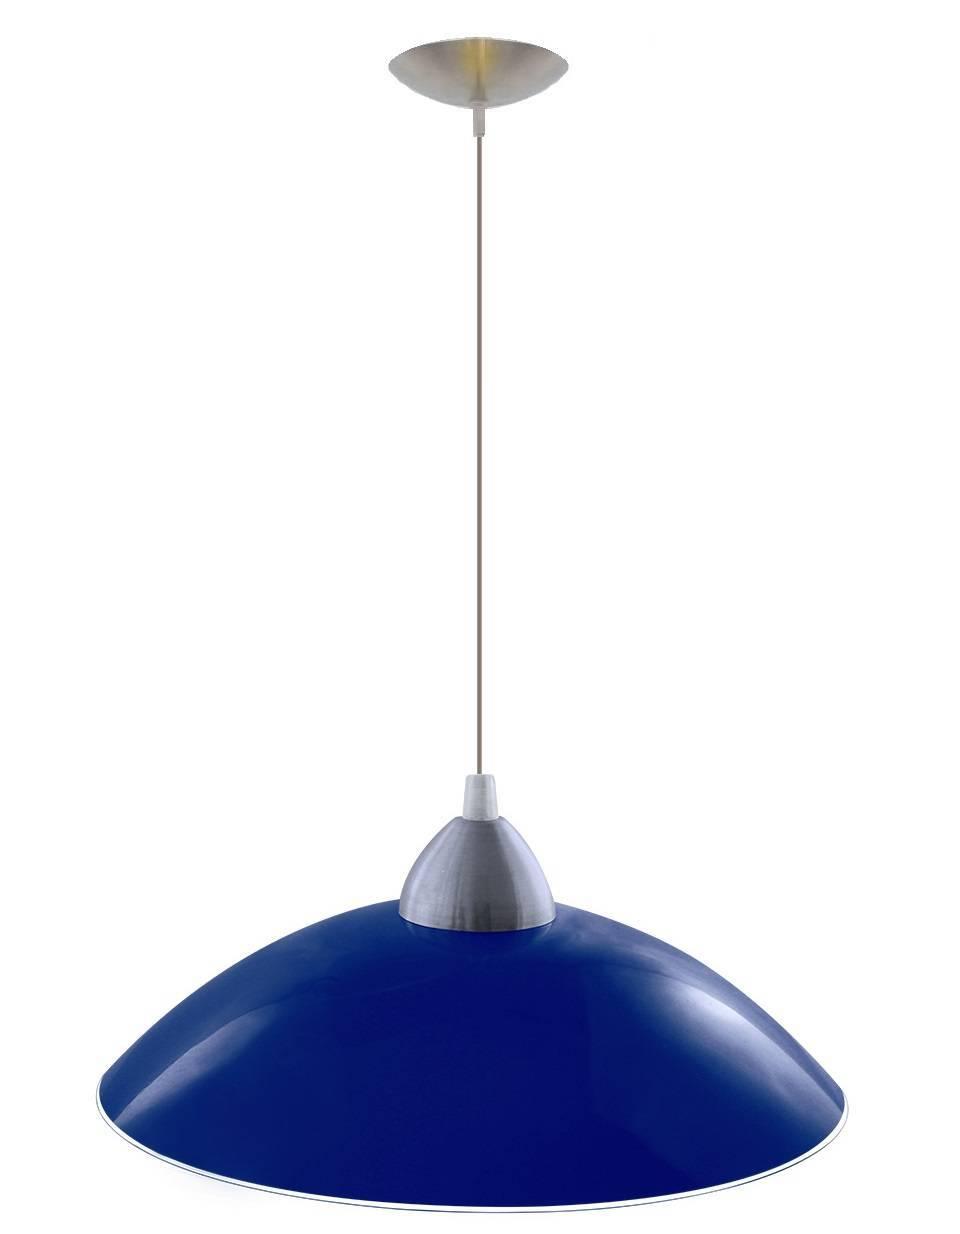 Luminária Pendente Vidro Colorido Plate E27 - LCGELETRO